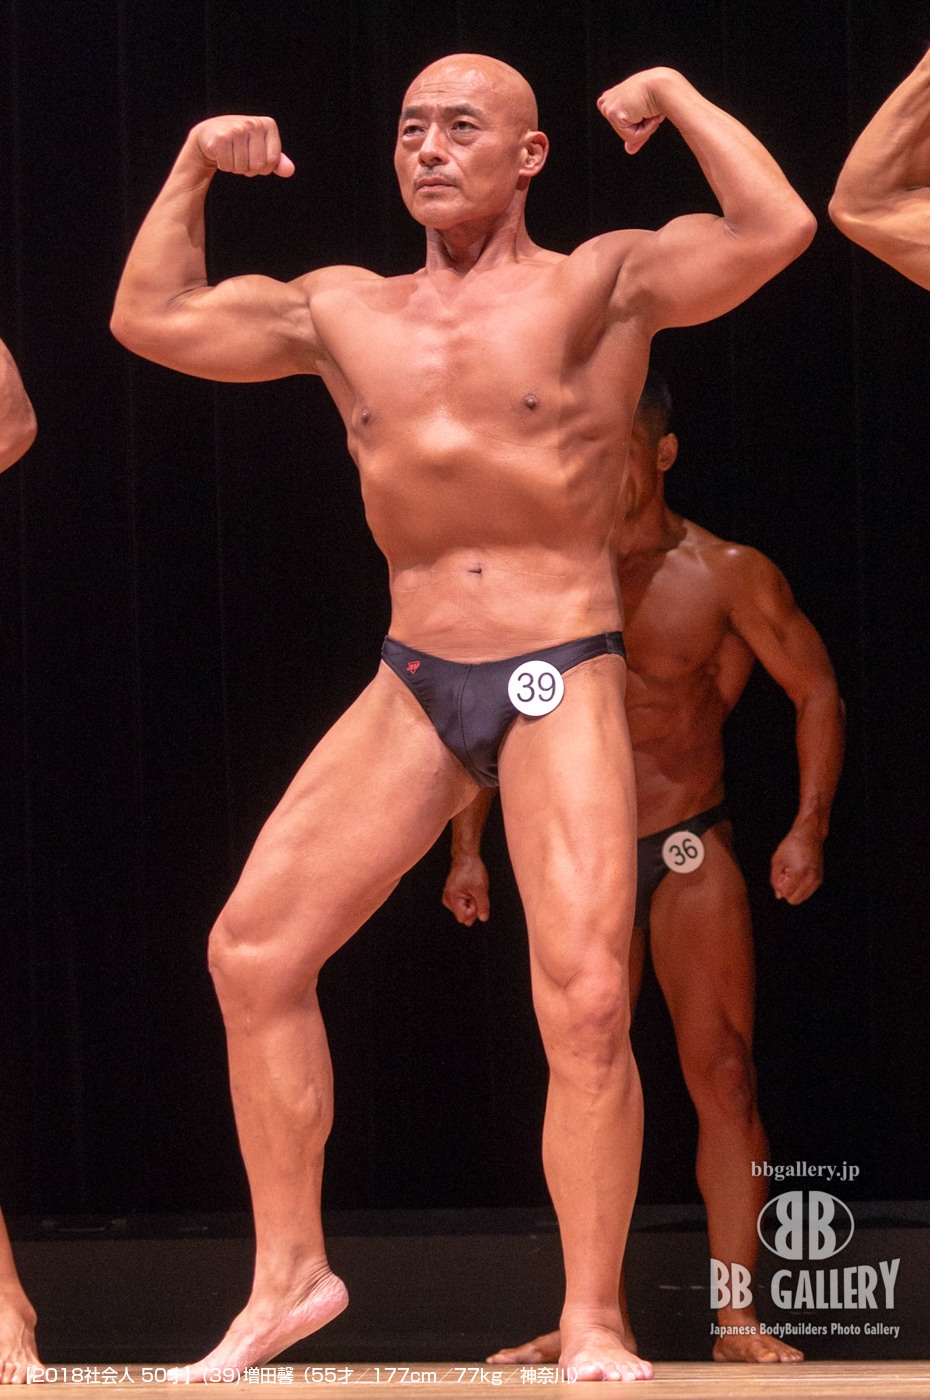 【2018社会人 50才】(39)増田馨(55才/177cm/77kg/神奈川)